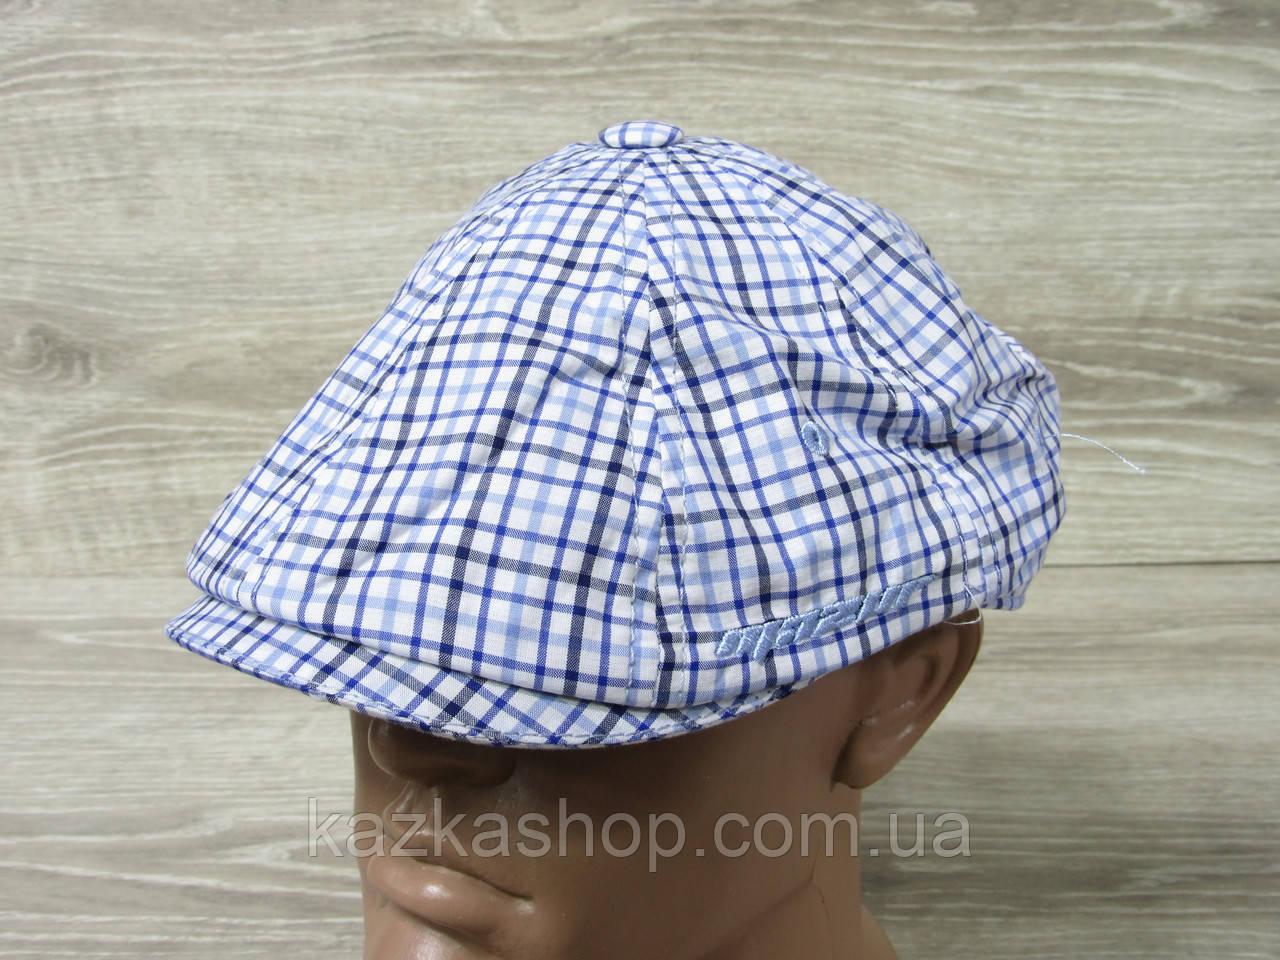 Мужская кепка хулиганка, восьмиклинка, в клетку синего цвета, сезон весна-лето, размеры 56-60 см